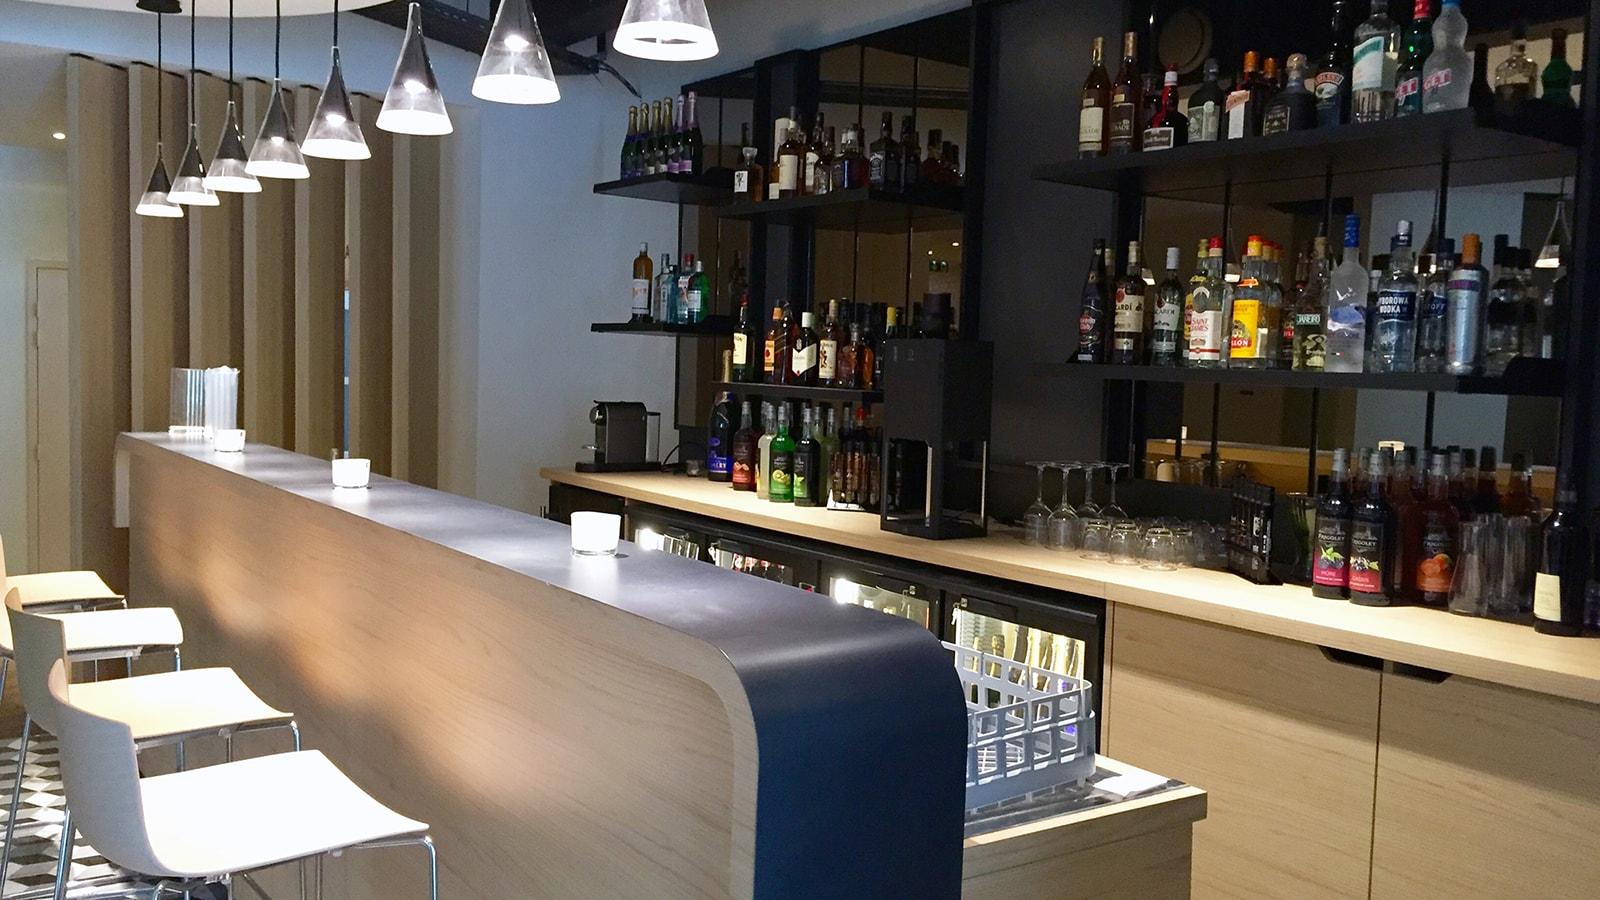 EFI Design Hotel Mercure Nantes Efi Design (3) 1200